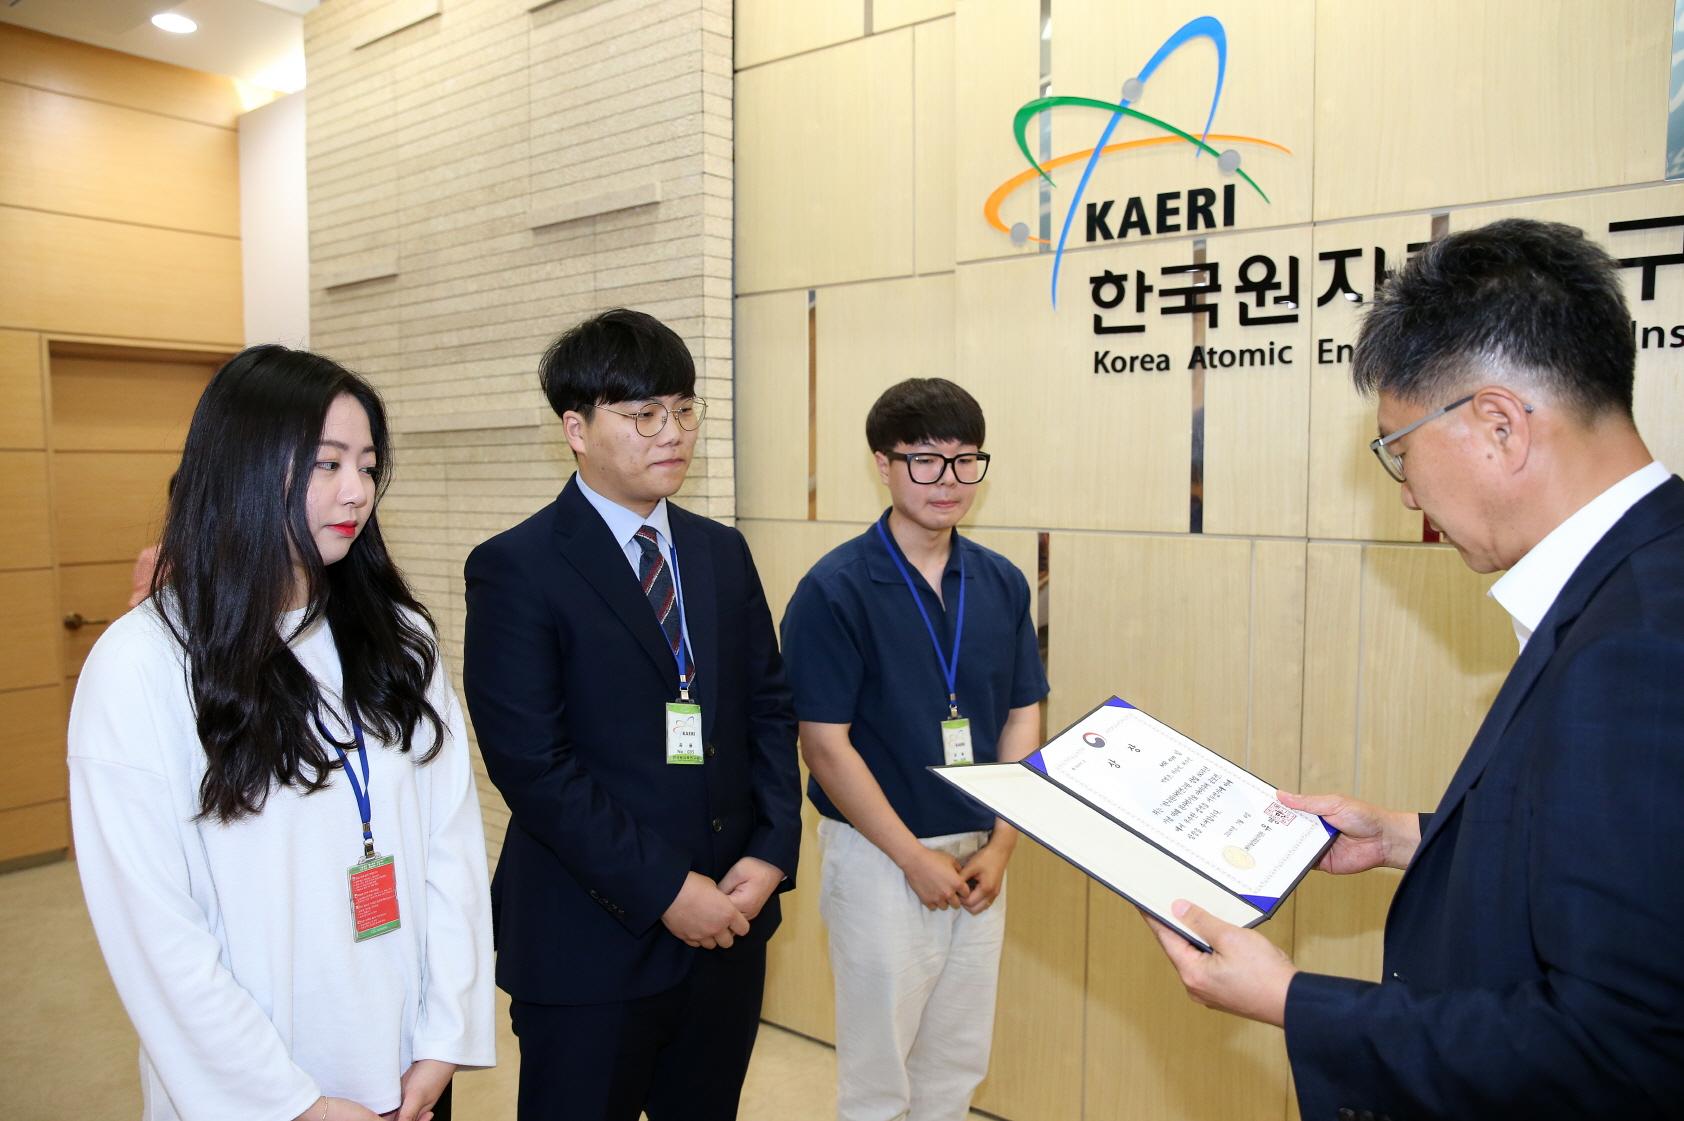 과학기술정보통신부장관상 - MReye(엠알아이)팀(박범준, 하상석, 허수진)